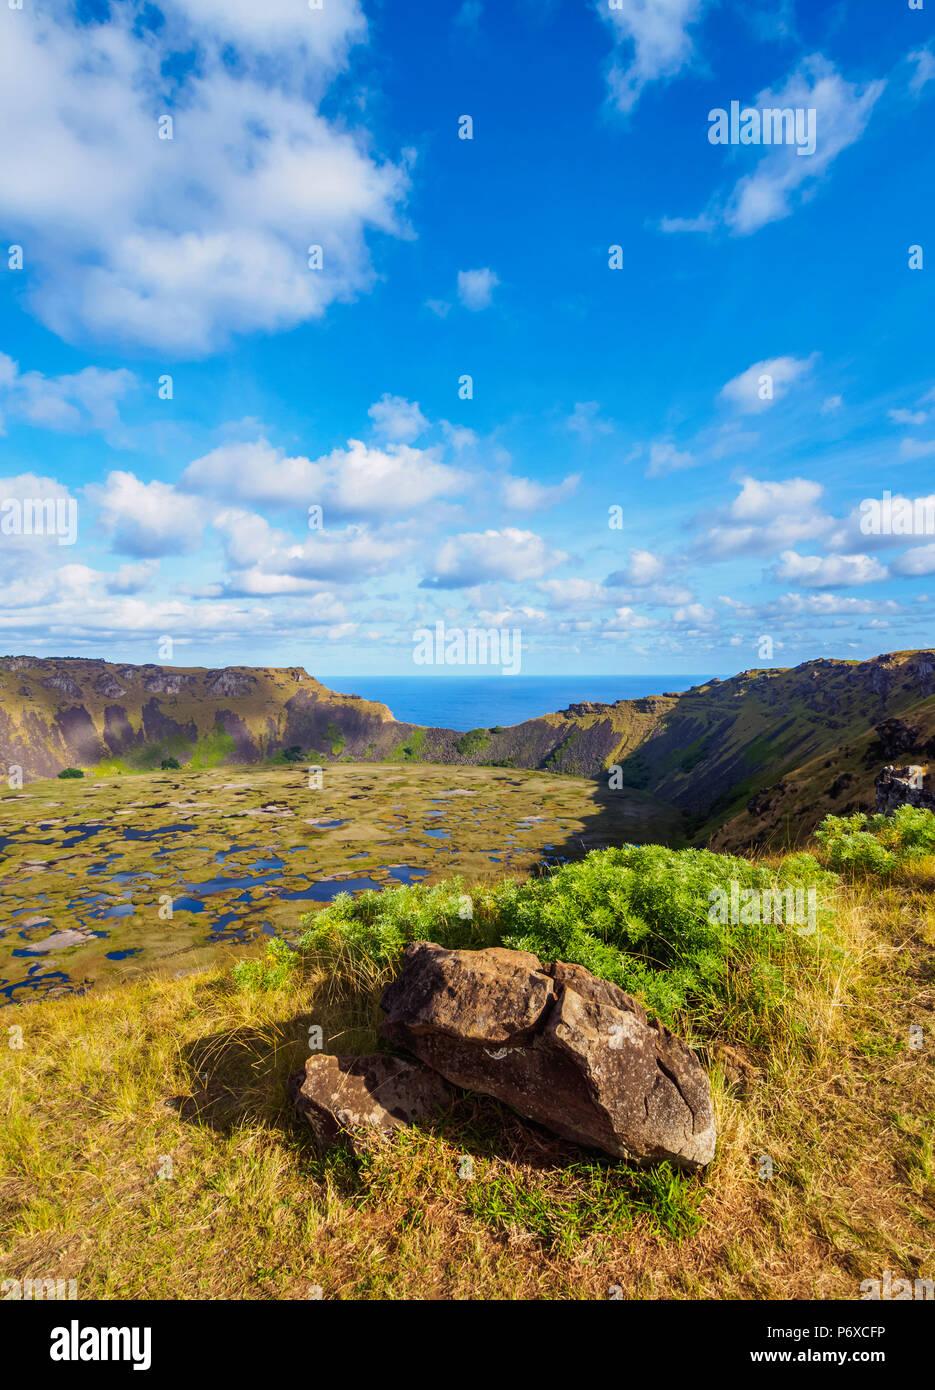 Cratère du volcan Rano Kau, île de Pâques, Chili Photo Stock